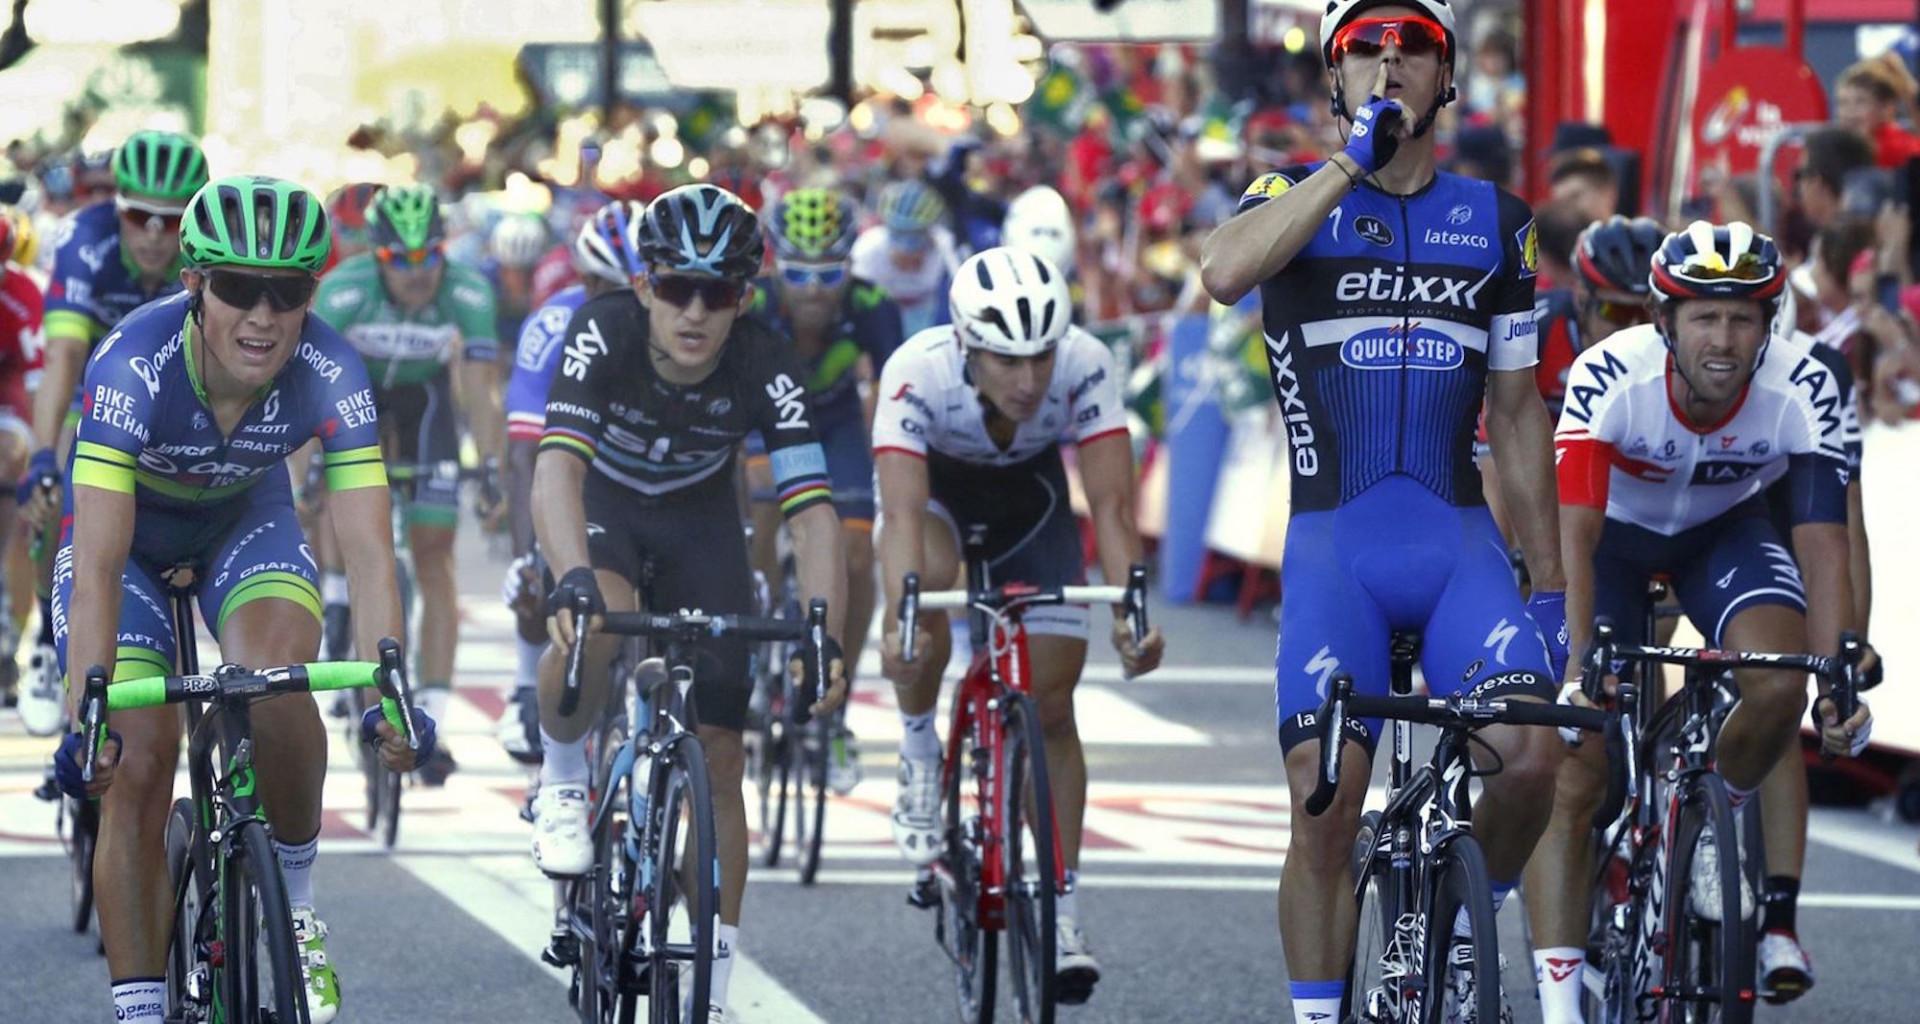 La Vuelta, étape 2 – Jonas Van Genechten «Je suis un peu déçu car j'attendais mieux qu'une 5e place»